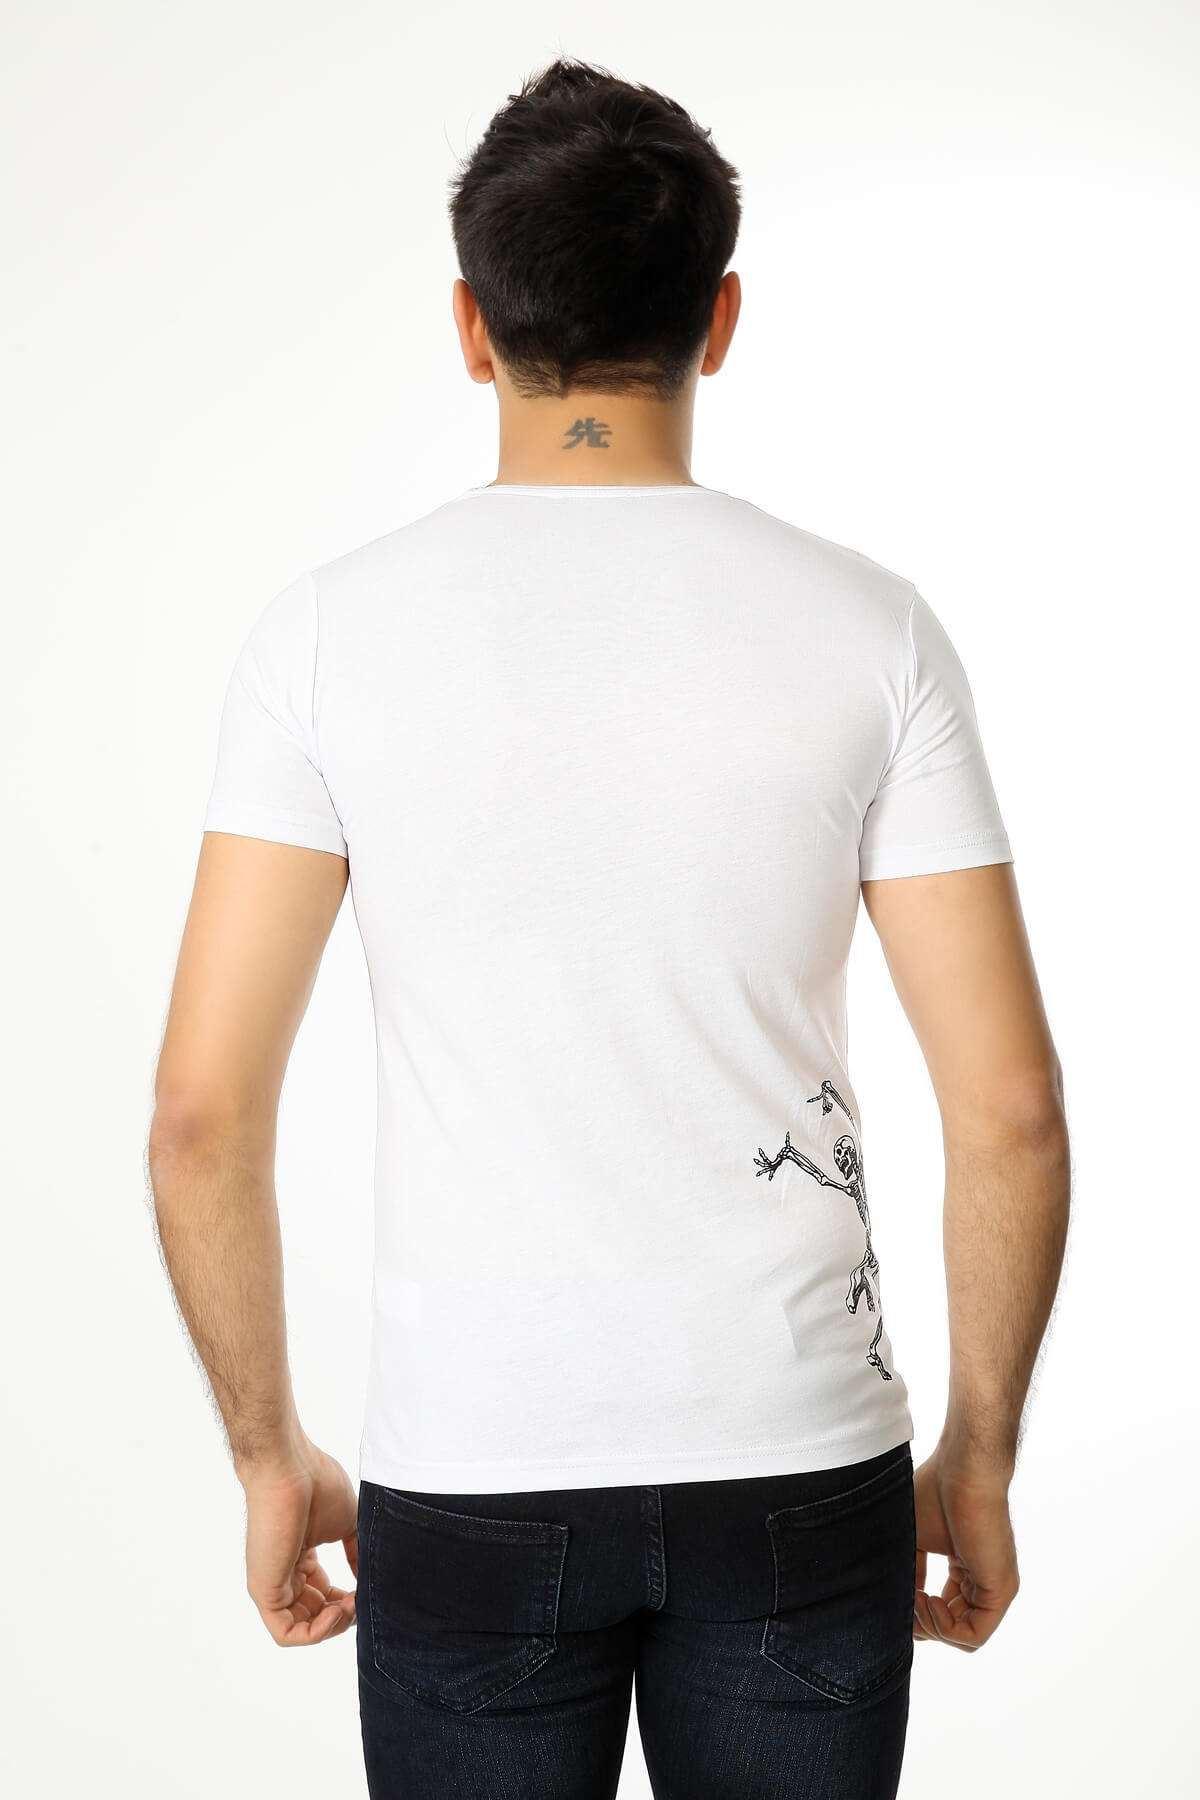 Parçalı Kuru Kafa Baskı Tişört Beyaz